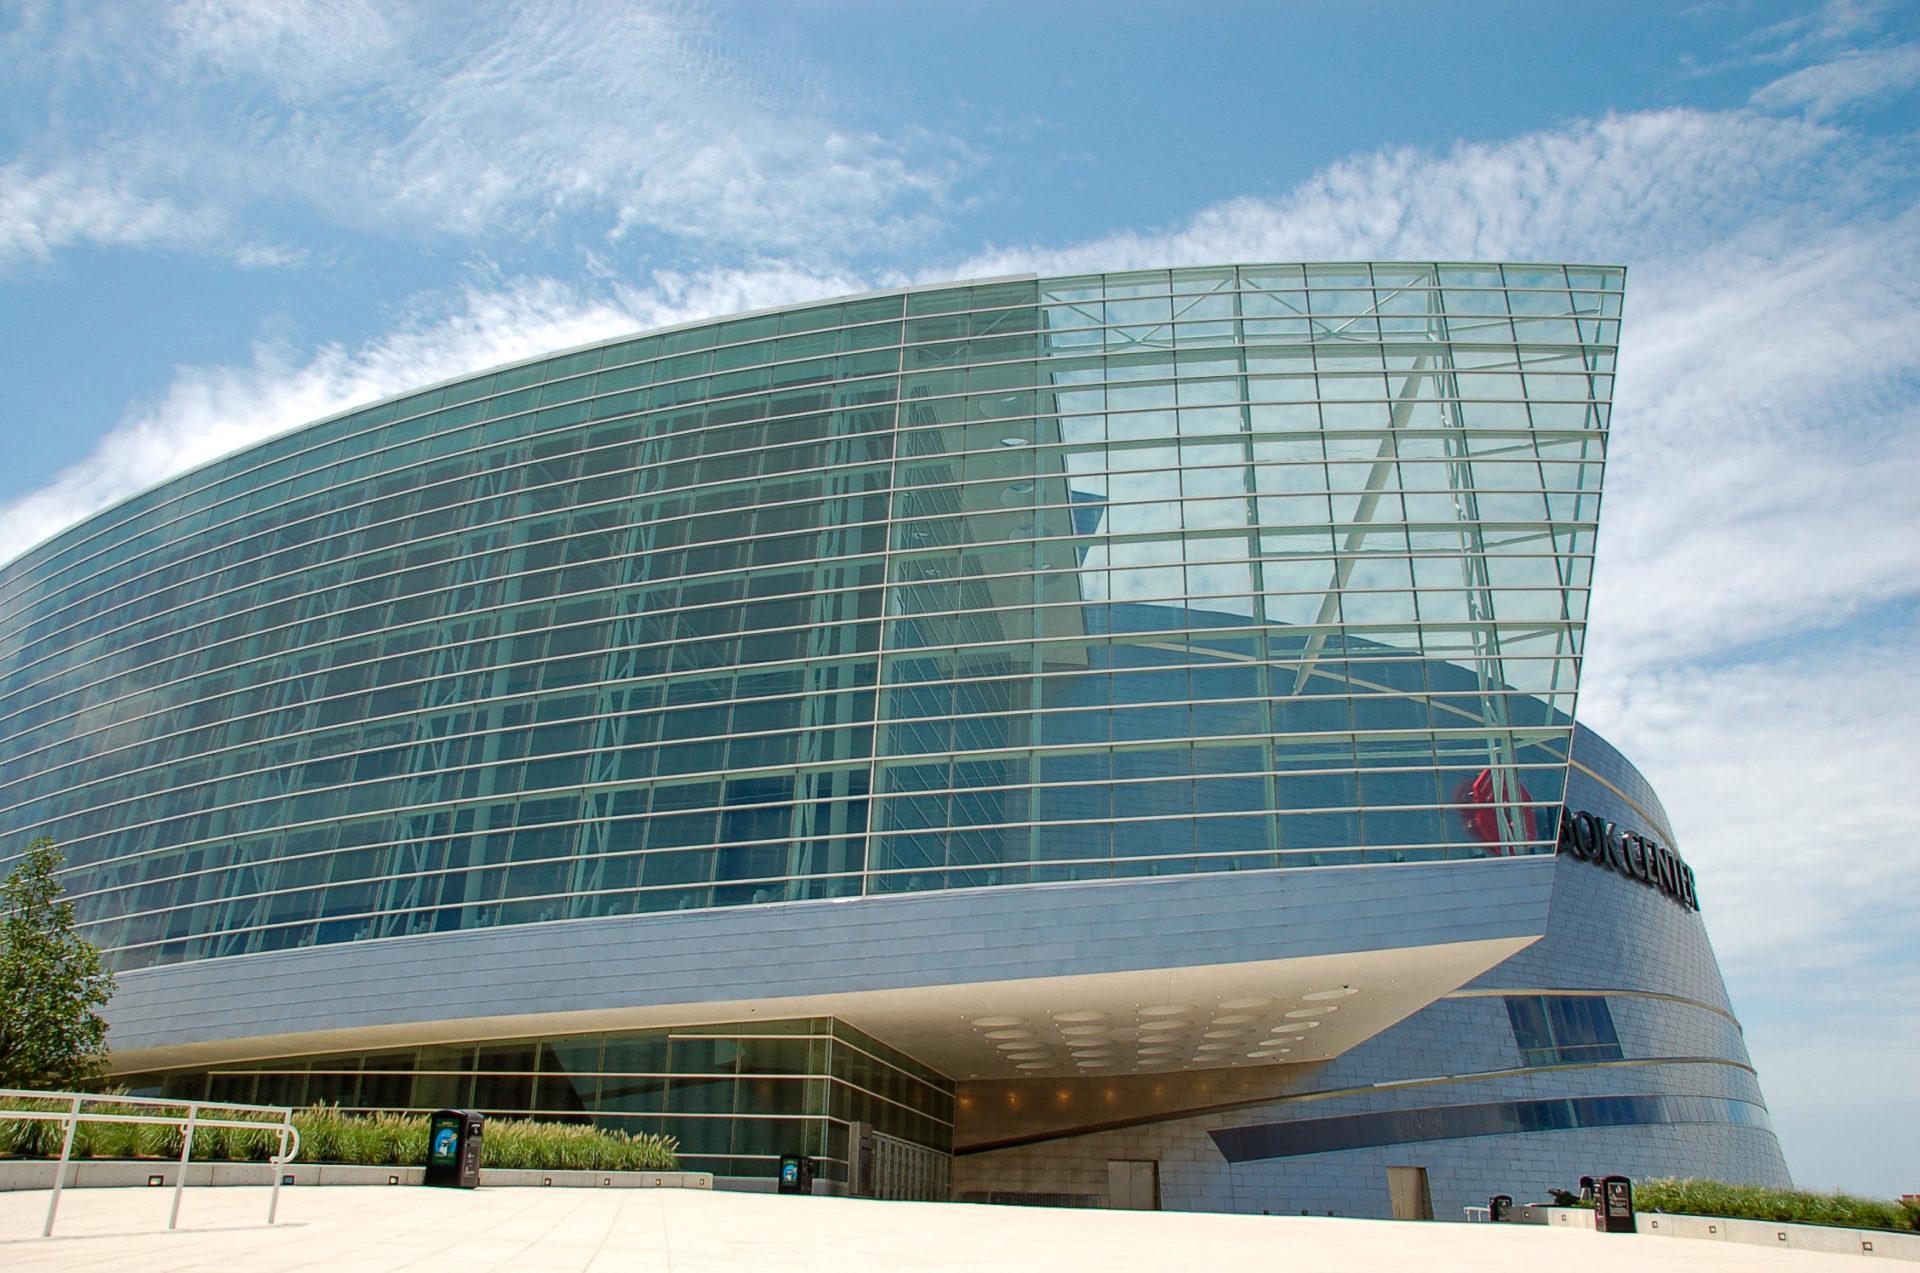 Bok Center in Tulsa von Cesar Pelli ist eine Eventhalle